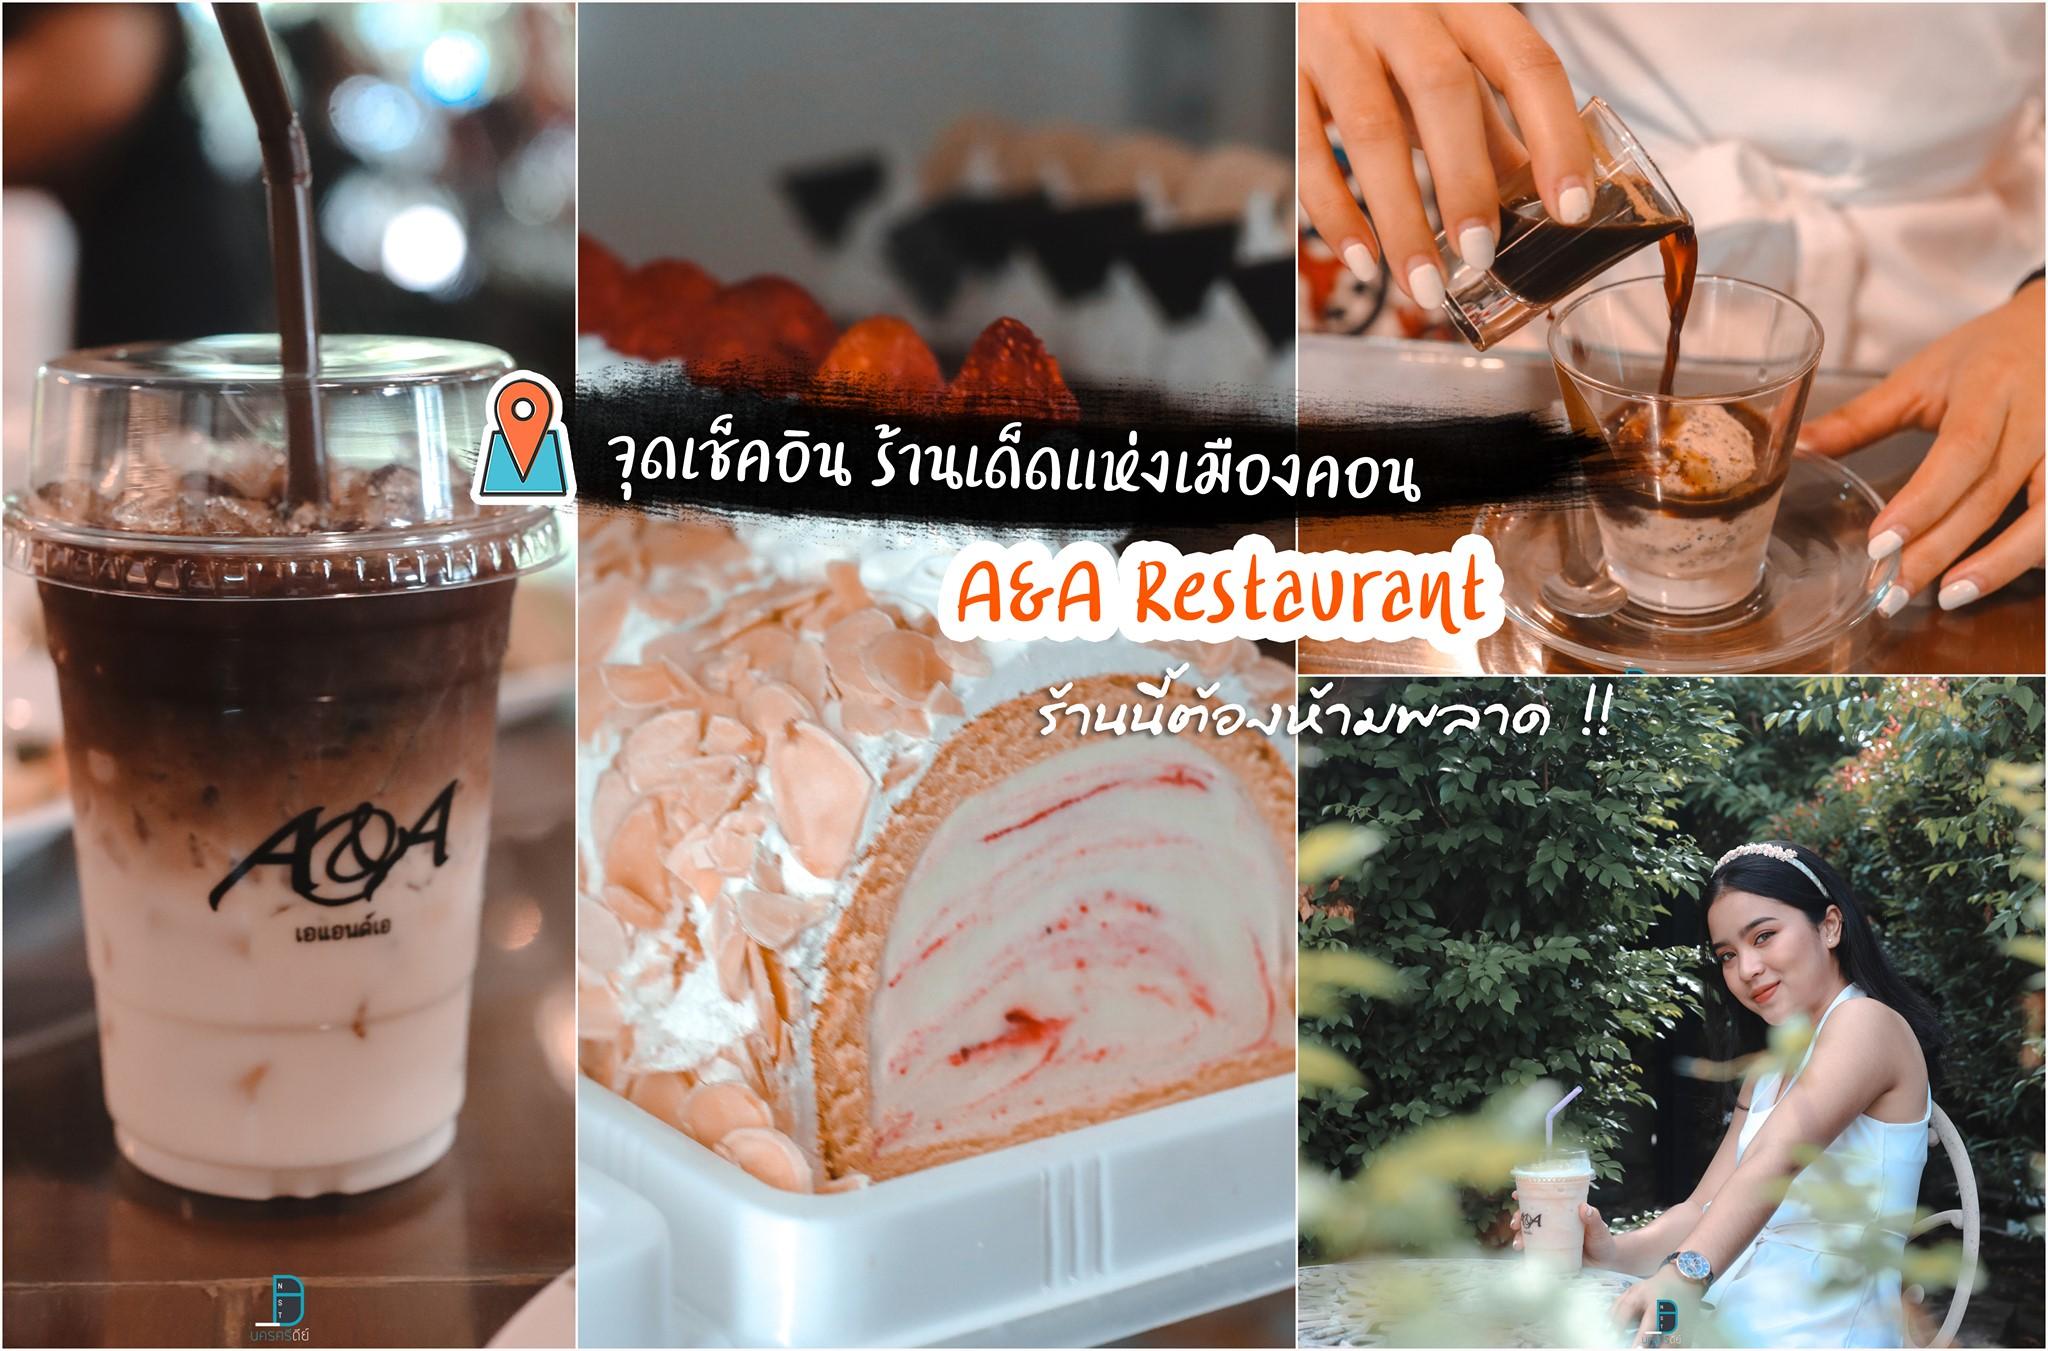 เอแอนด์เอ นครศรีธรรมราช A and A Restaurant จุดเช็คอินร้านอาหารคาเฟ่เด็ด เมืองคอน